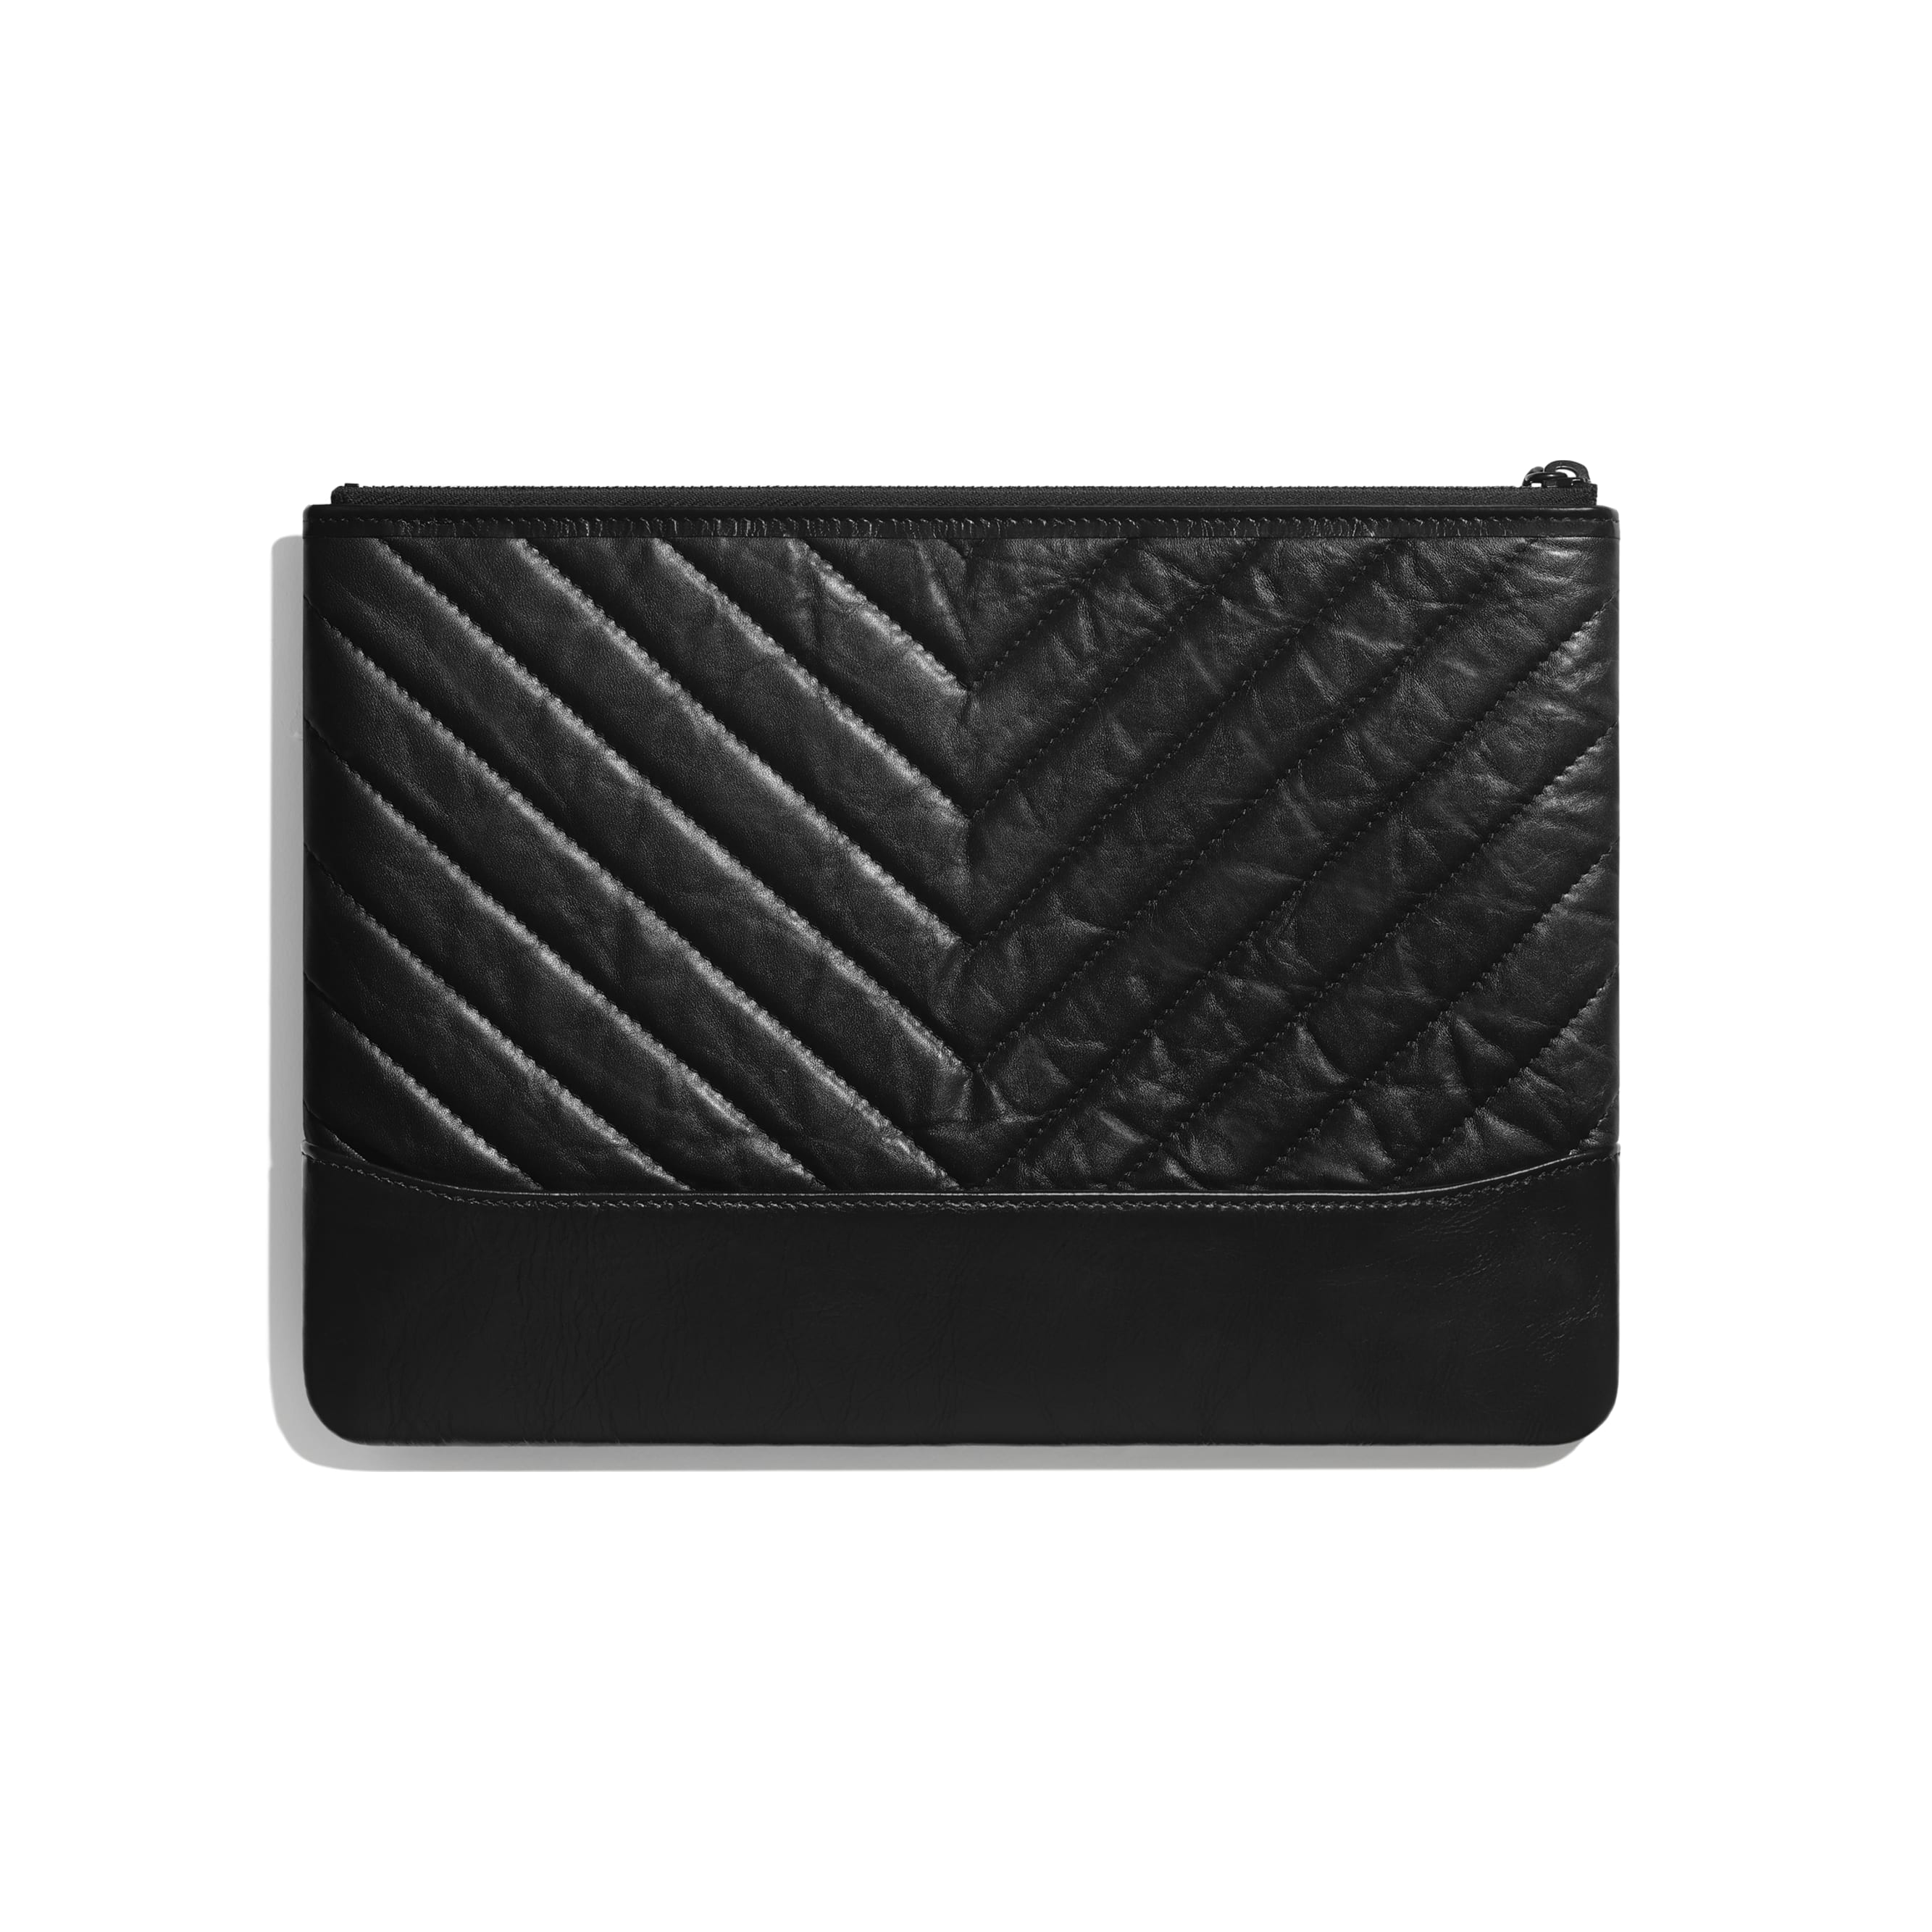 Case - Preto - Couro de novilho envelhecido, couro de novilho macio & metal preto - CHANEL - Vista alternativa - ver a versão em tamanho standard